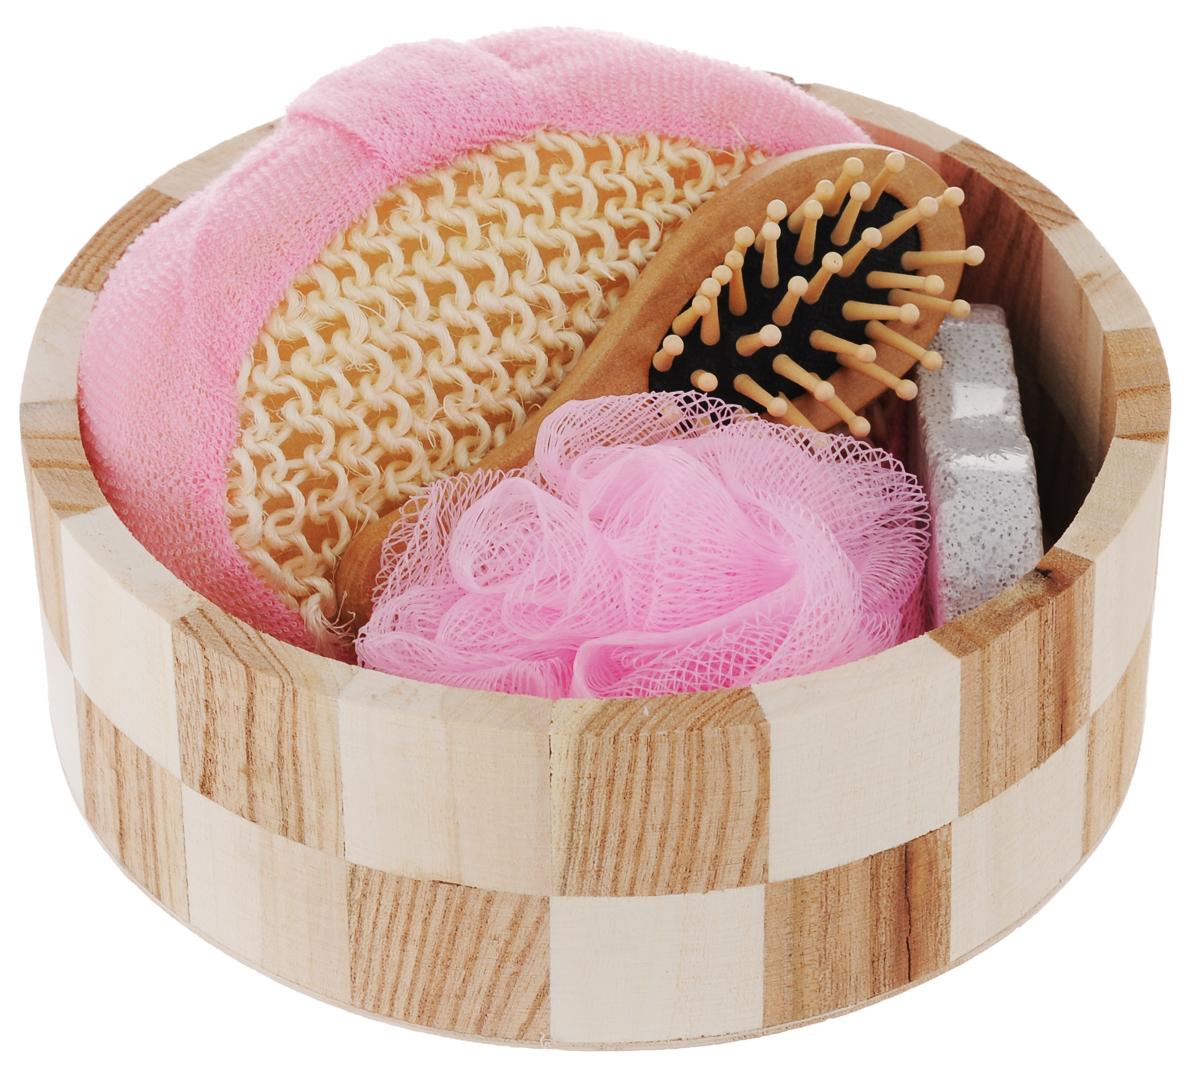 Набор для ванной и бани Феникс-Презент Розовое облако, 5 предметовNTS-101C blueНабор для ванной и бани Феникс-презент Розовое облако включает: - массажная щетка для волос из древесины павловнии, - мочалка для купания из сизаля, - мочалка для купания из полиэтилена, - пемза для ухода за кожей,- лохань из древесины тополя. Такой мини-набор станет не заменимым и сделает банную процедуру еще более комфортной и расслабляющей. Размер мочалки из сизаля: 14 х 10,3 х 5,3 см. Диаметр мочалки из полиэтилена: 9,5 см.Размер щетки для волос: 12 х 4 х 2,2 см.Диаметр лохани: 17,5 см.Высота лохани: 6 см. Размер пемзы: 9,5 х 4,2 х 1,5 см.